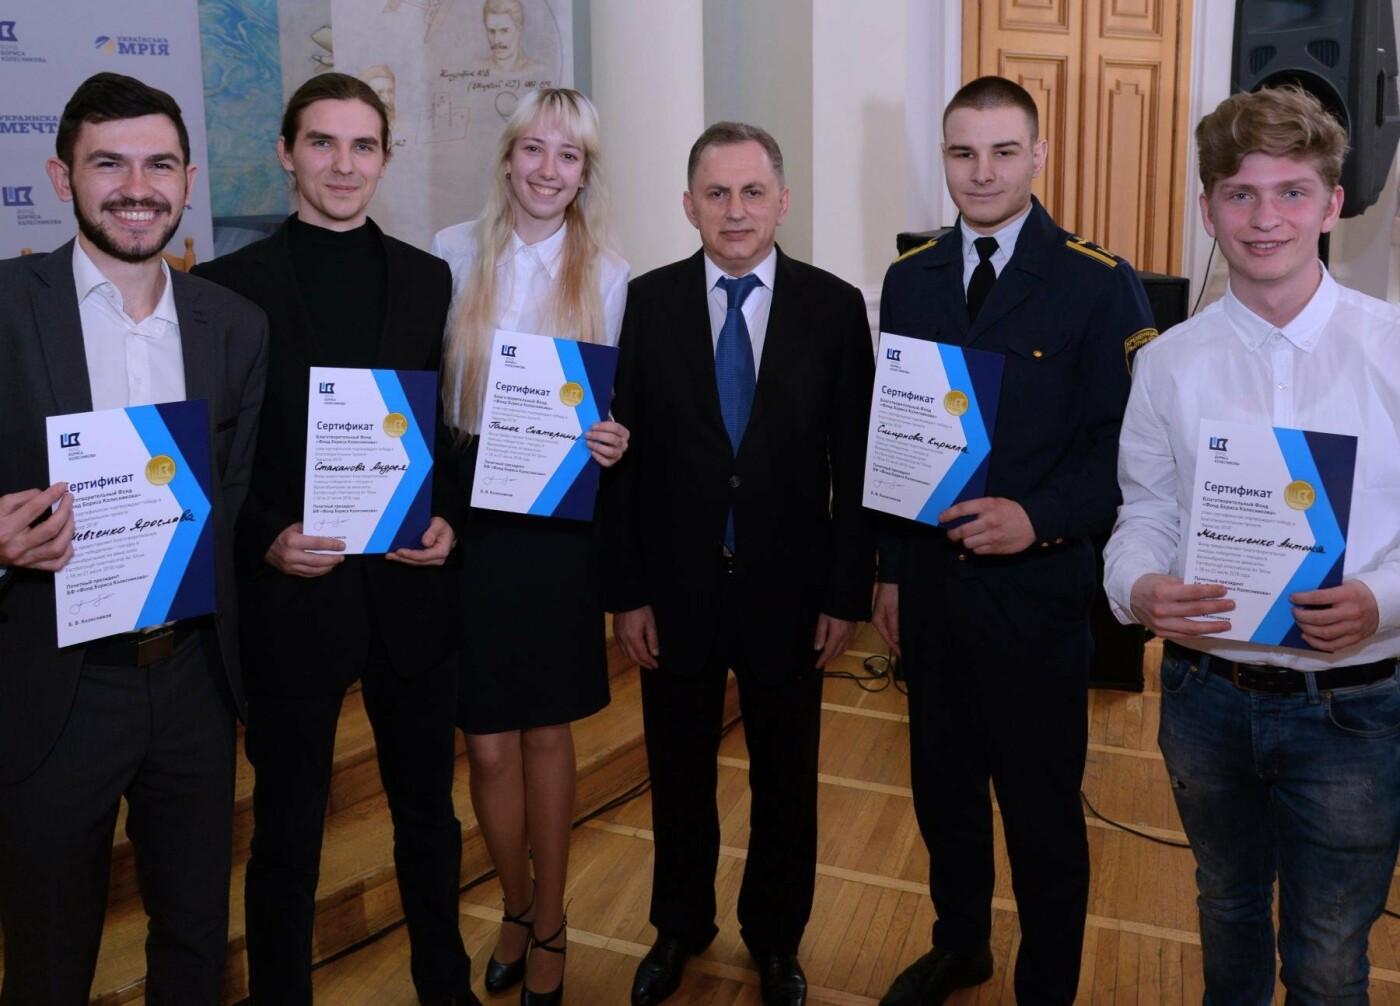 Студенты из Мариуполя выиграли масштабный конкурс с поездкой в Великобританию, фото-4